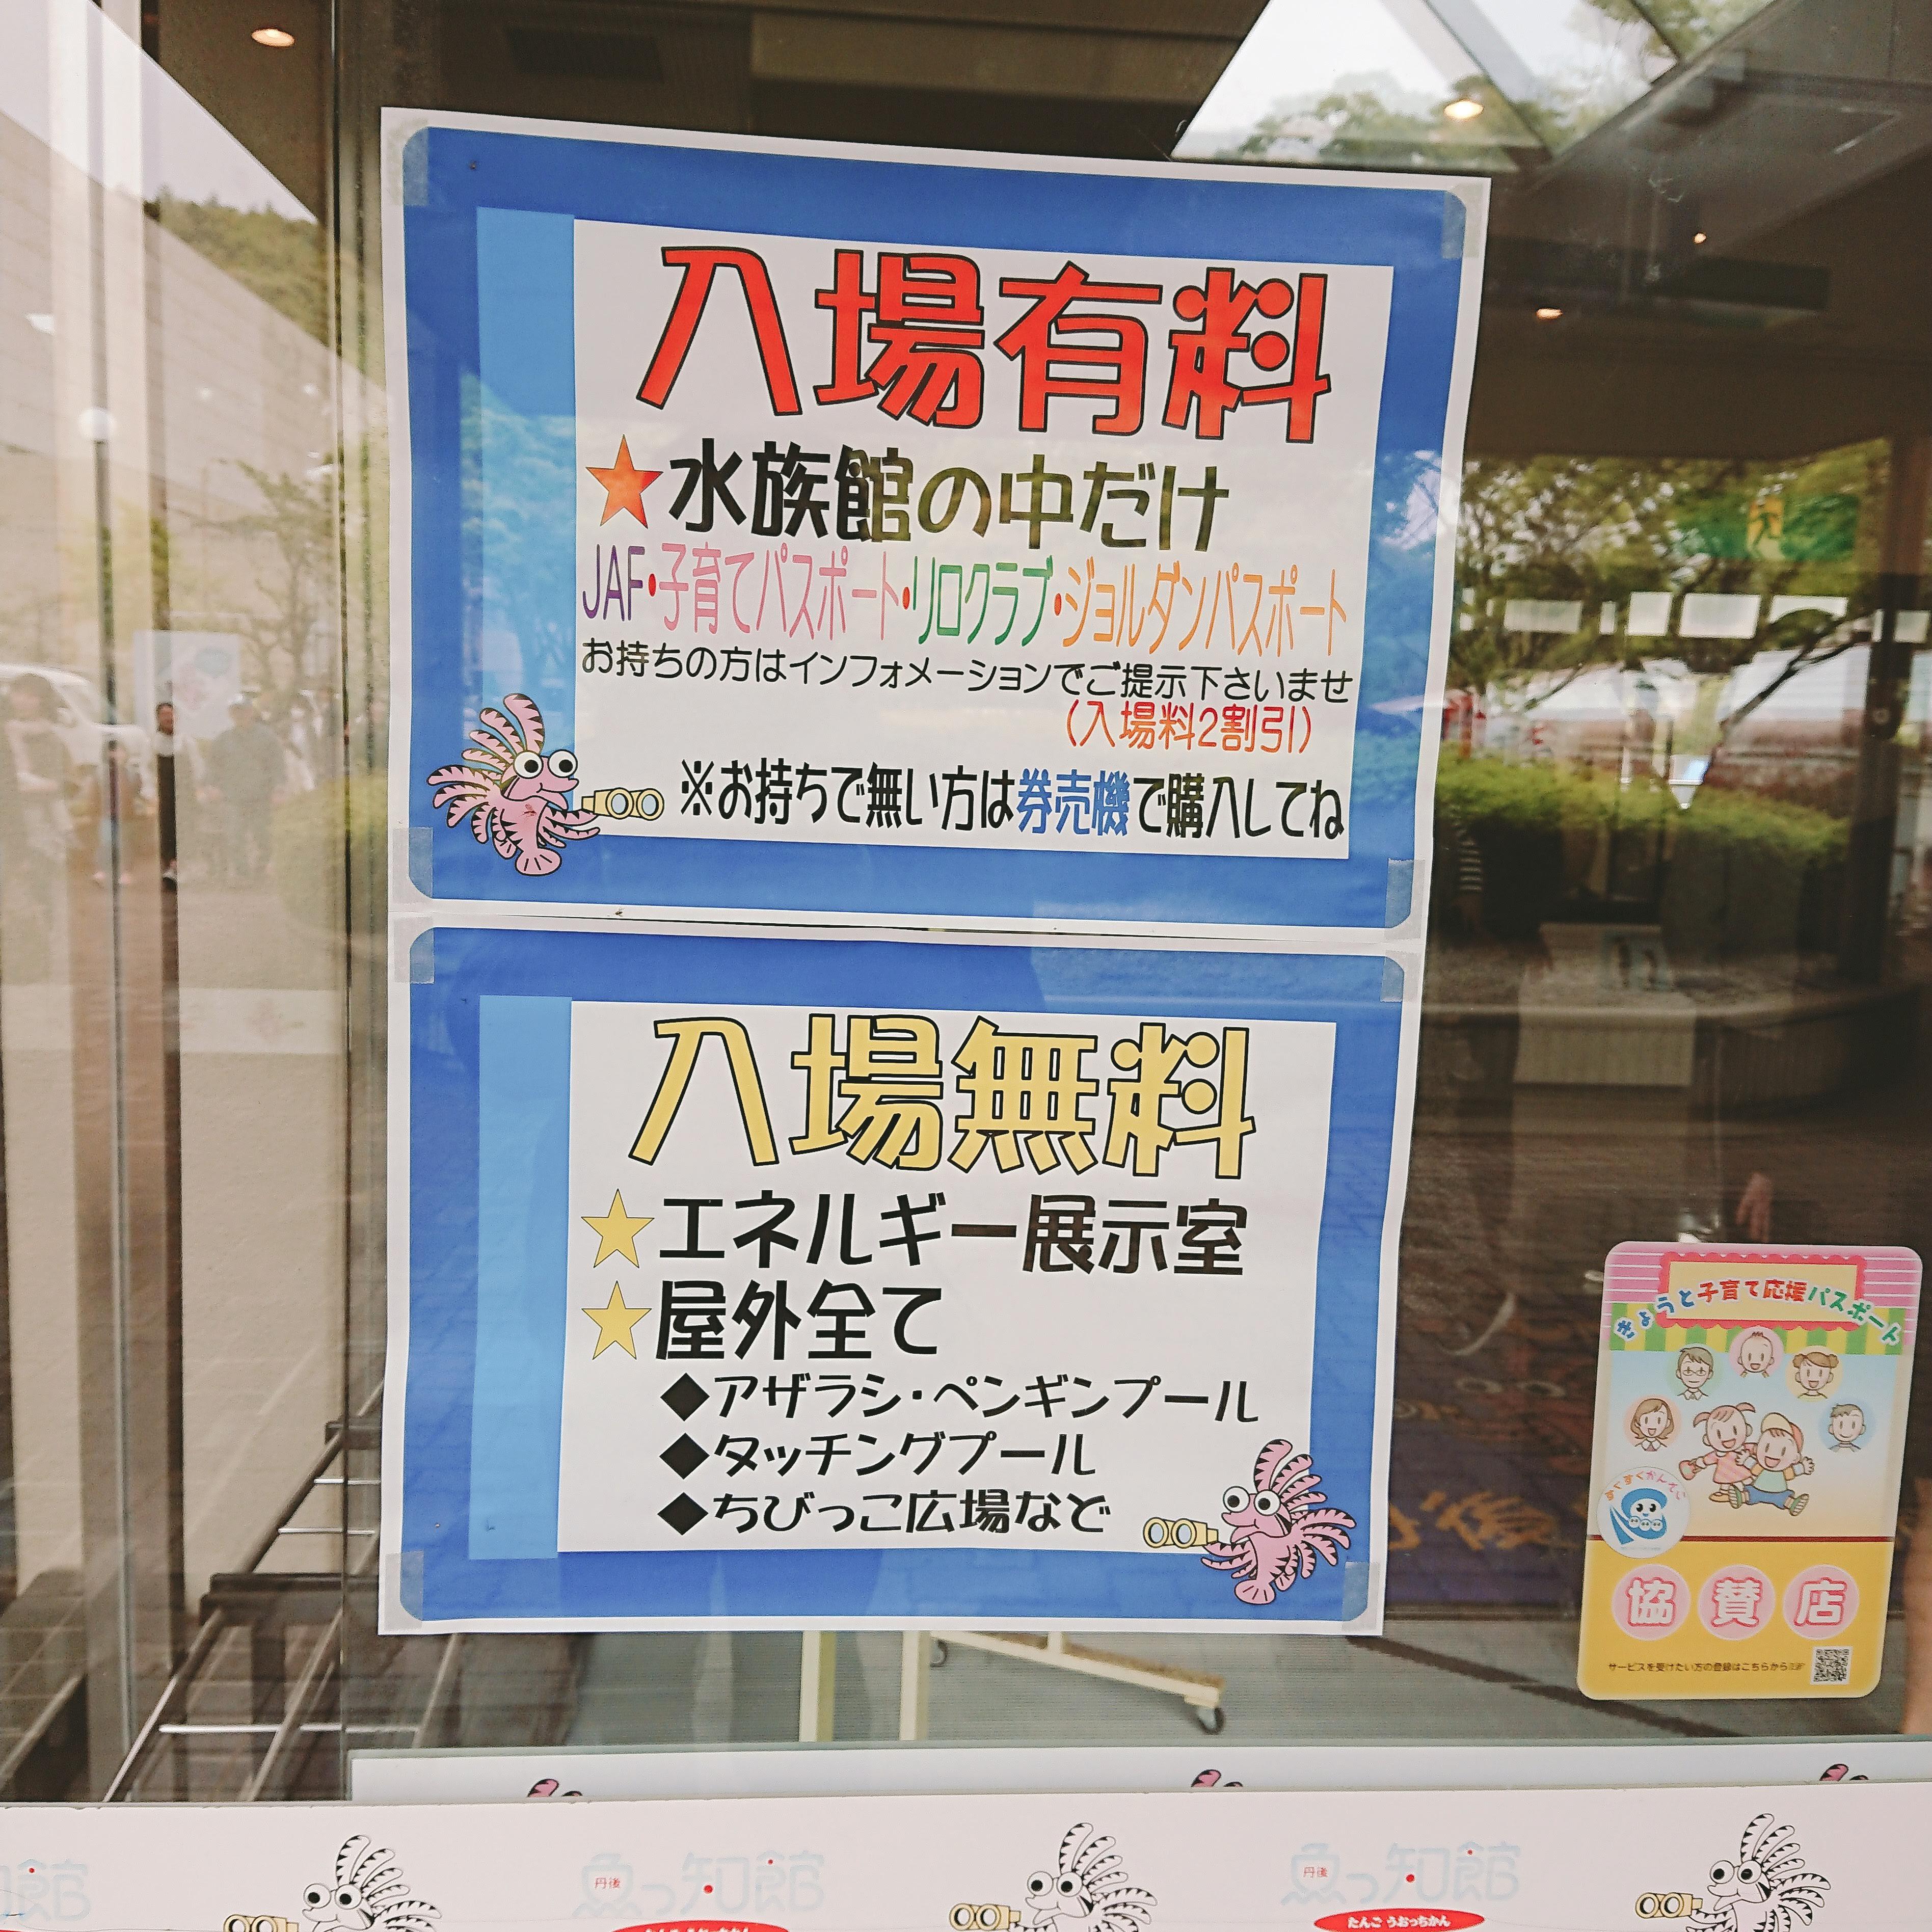 「魚っ知館」の入場料が記載された張り紙